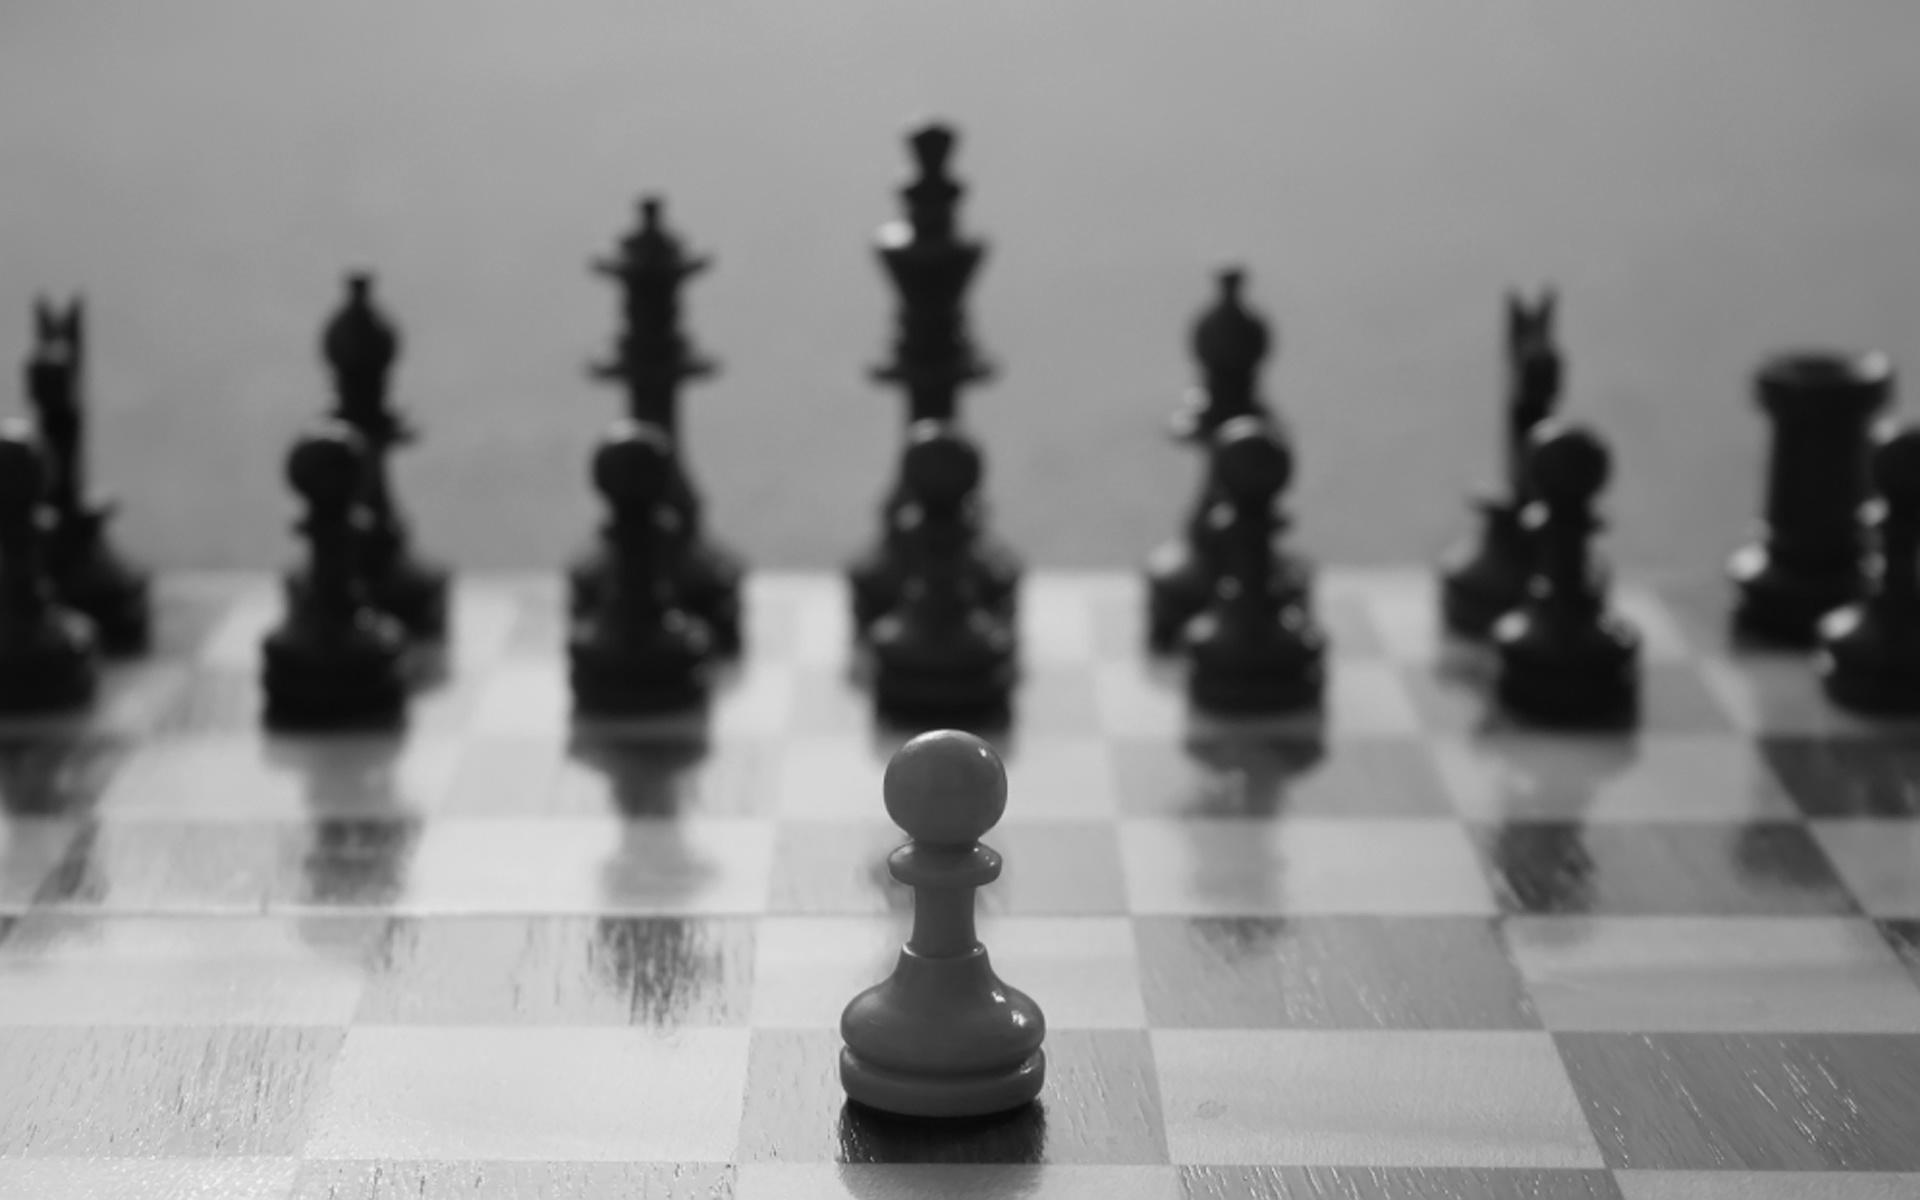 Apertura de ajedrez - 1920x1200